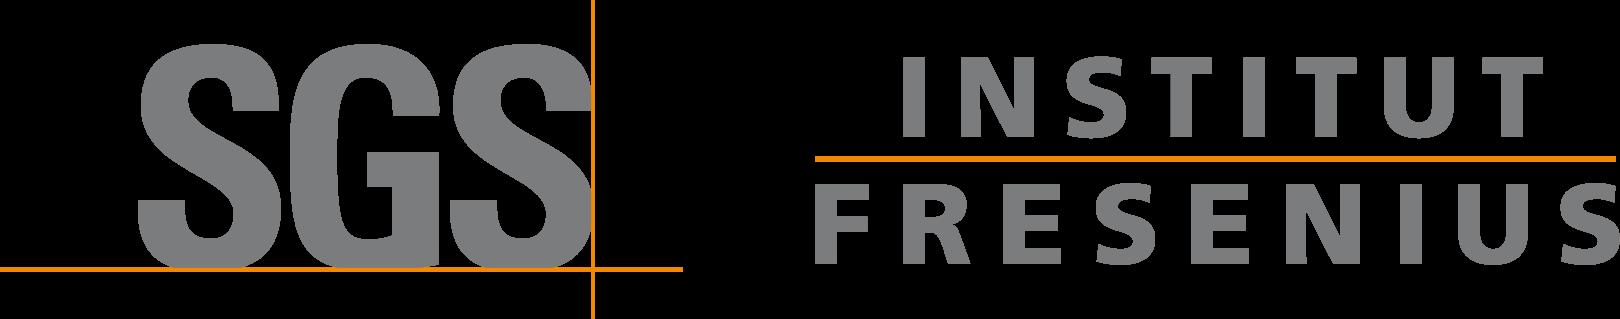 File:SGS-Fresenius-Logo-2012.svg - Fresenius PNG